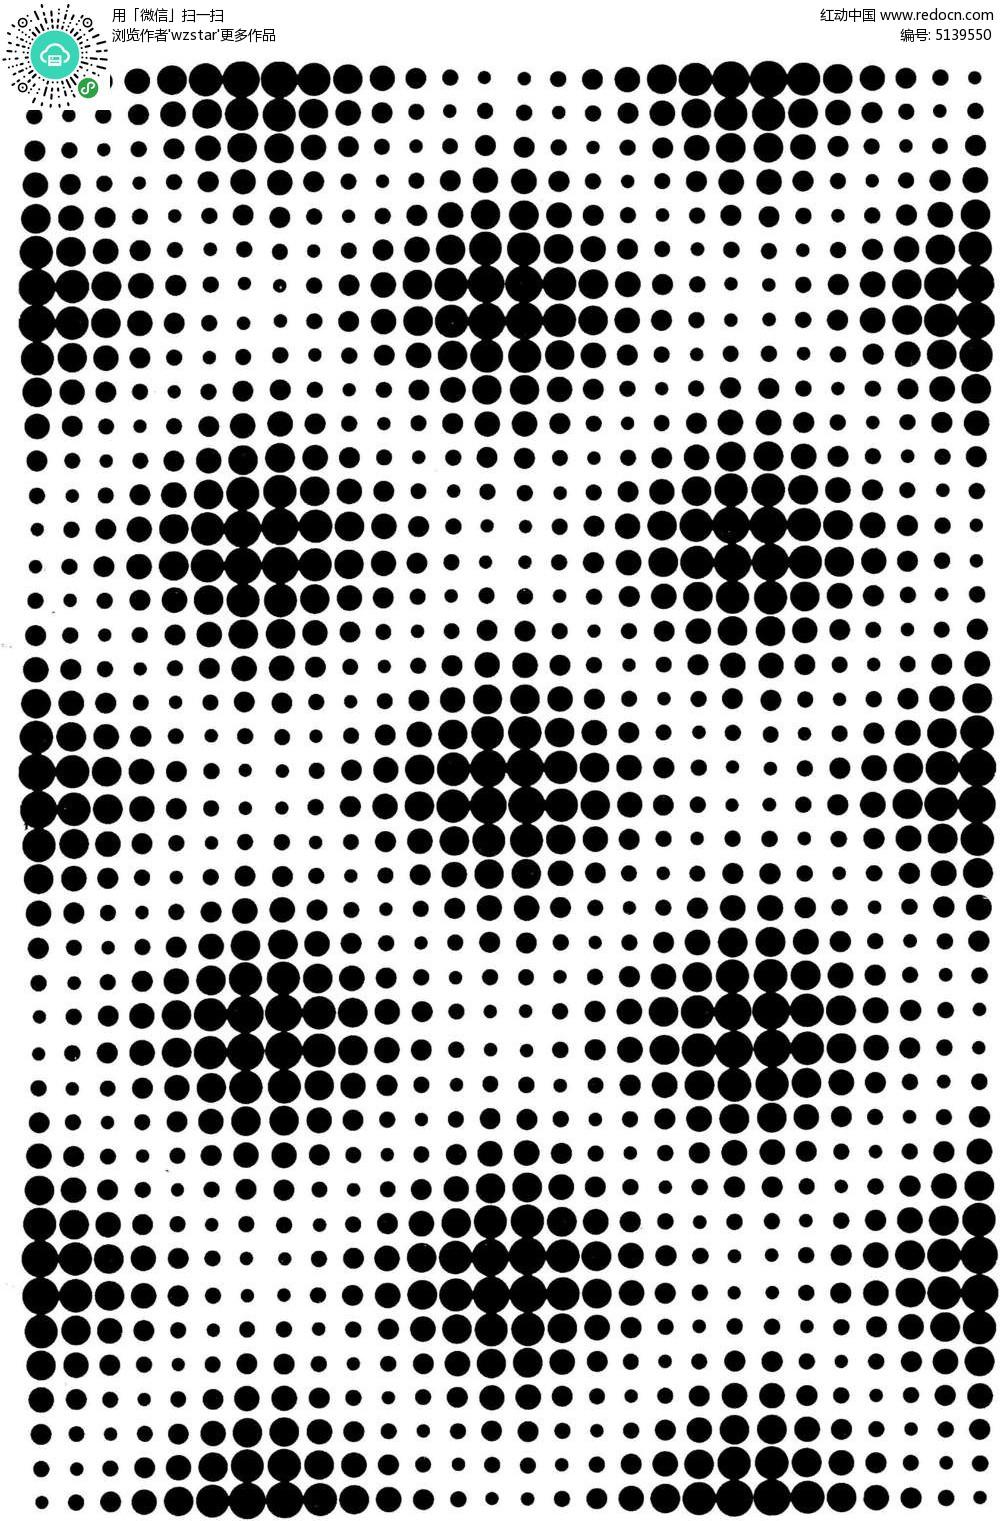 渐变马赛克拼图矢量图_潮流设计_三联图片